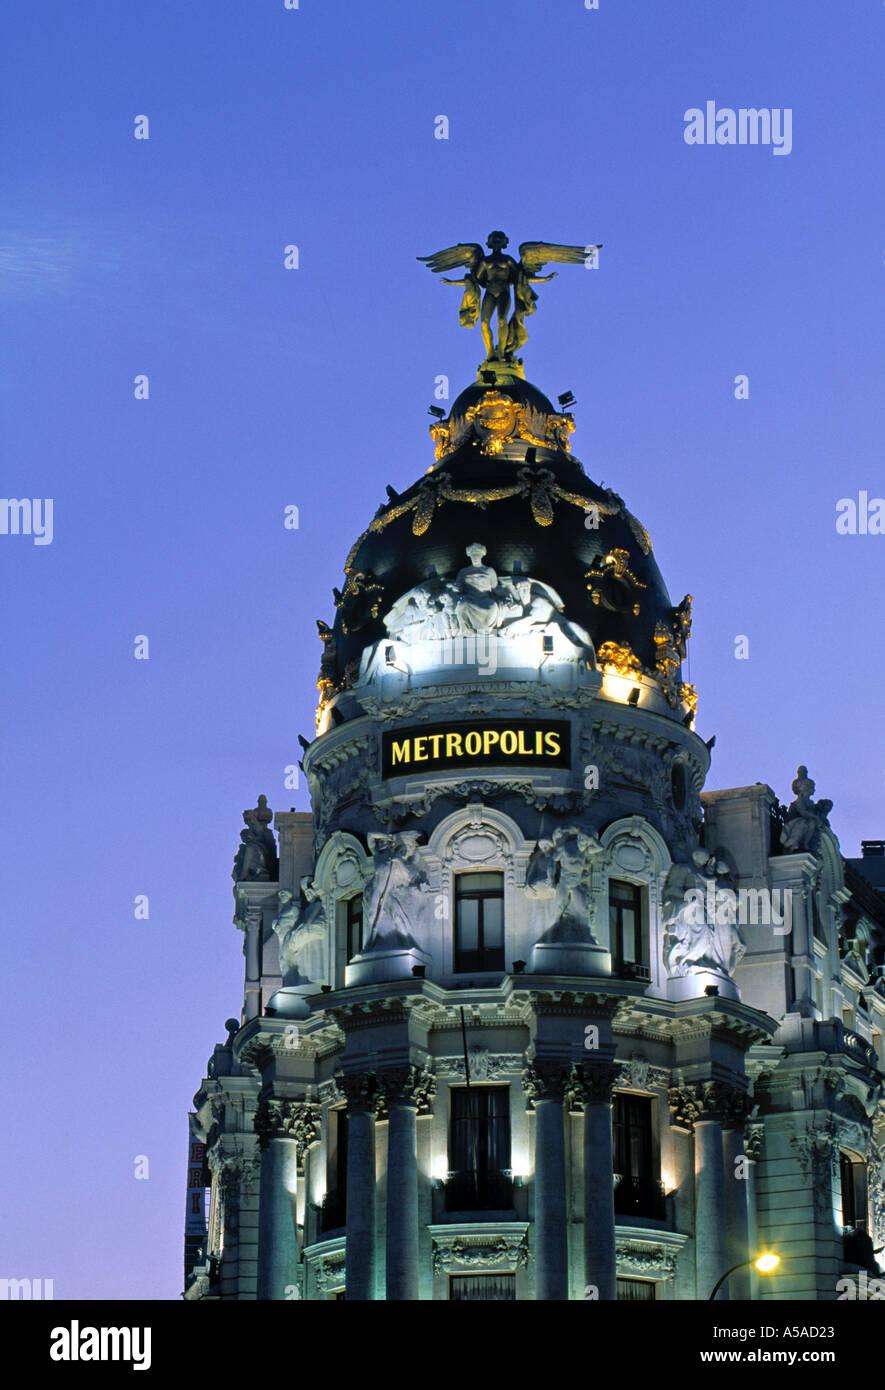 Edificio metrópolis, Madrid, España Imagen De Stock